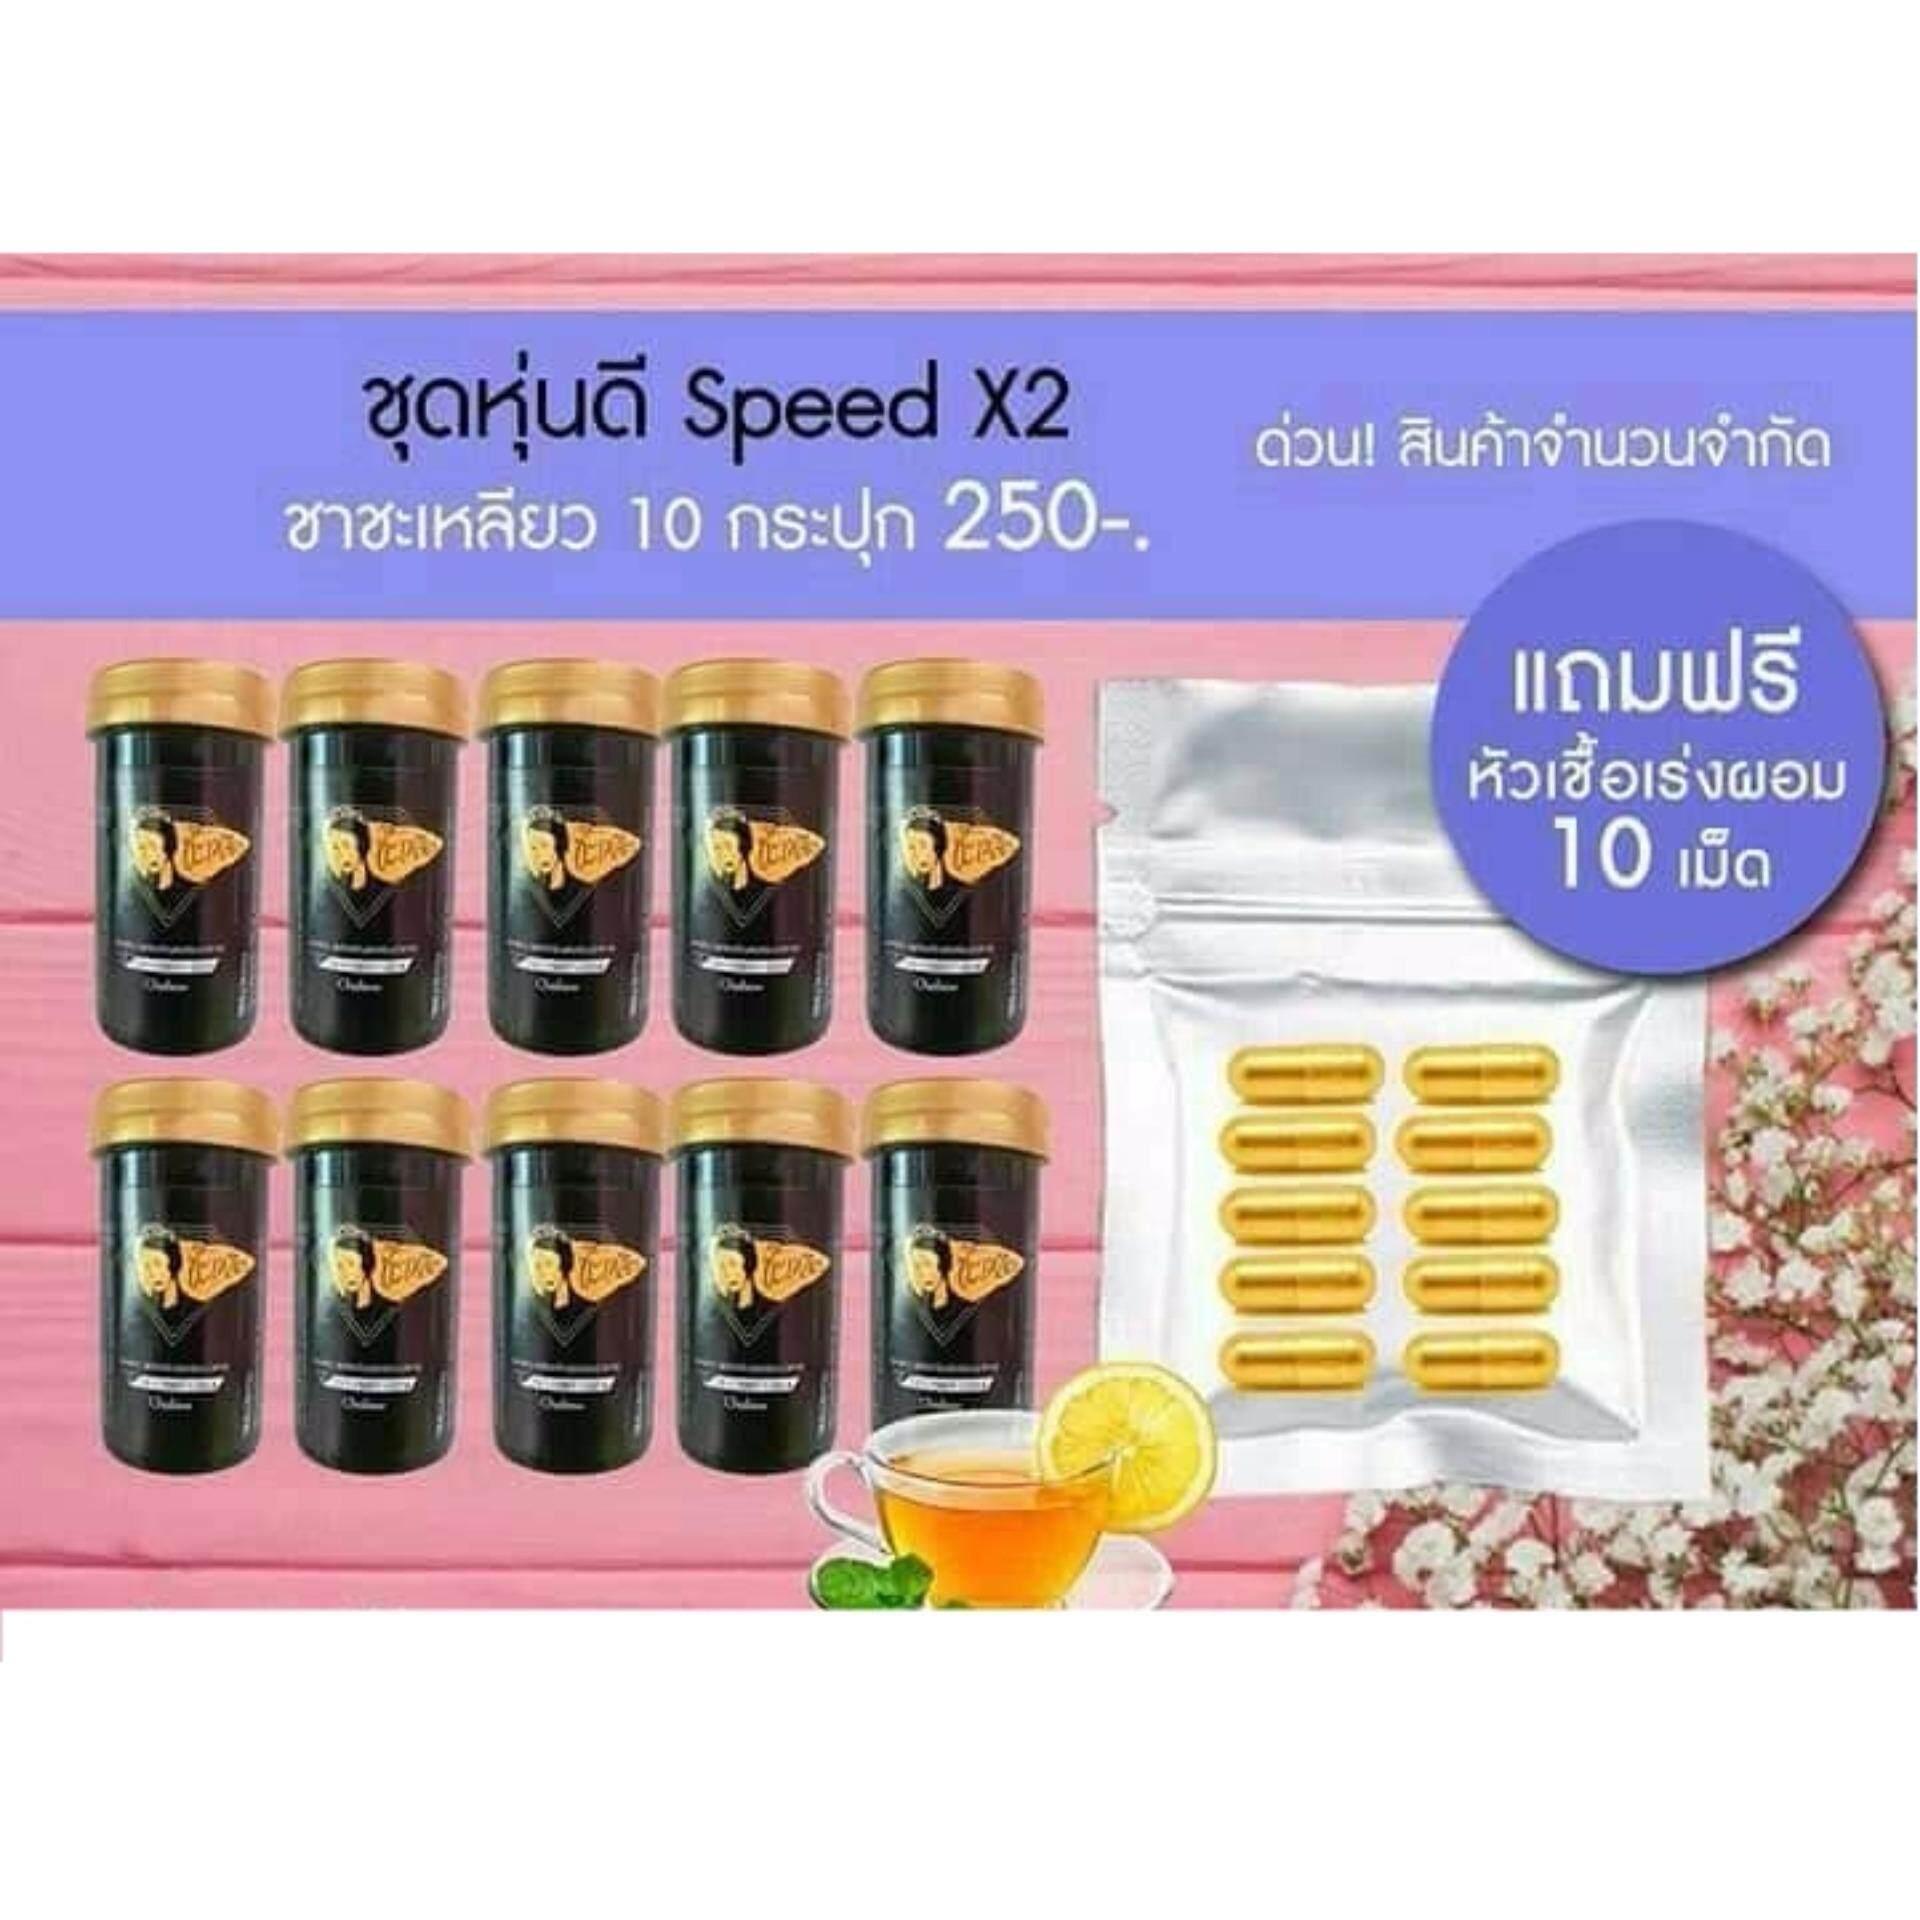 ขาย ชาชะเหลียว ชามะนาวลดน้ำหนัก จำนวน 10 กระปุก แถม หัวเชื้อ ฟรี 10 เม็ด Chaliew ใน Thailand